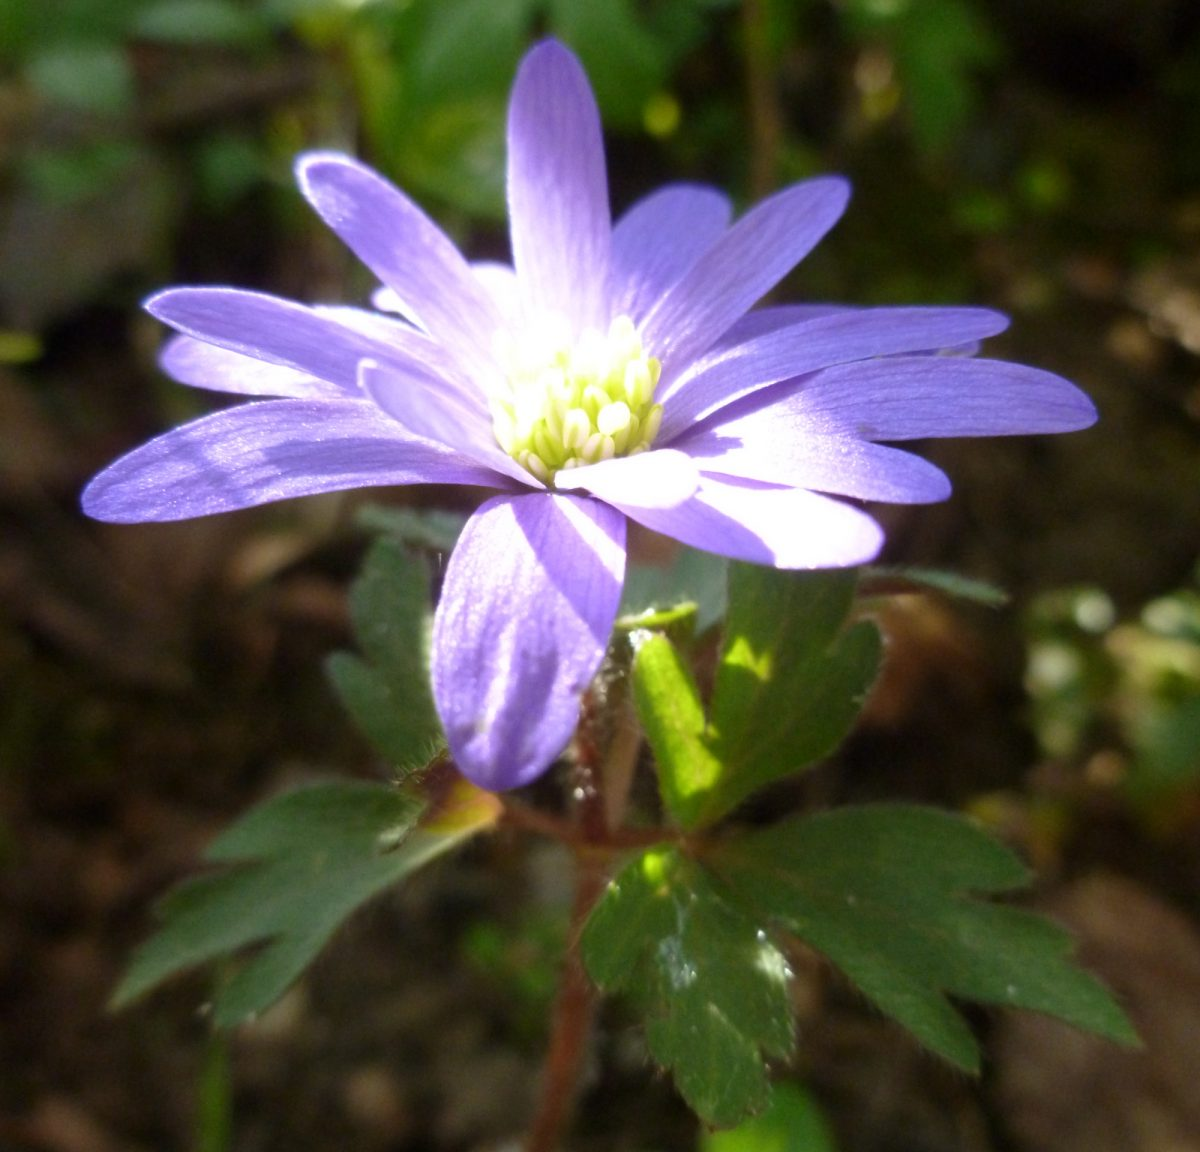 Strahlenanemone (anemone blanda)